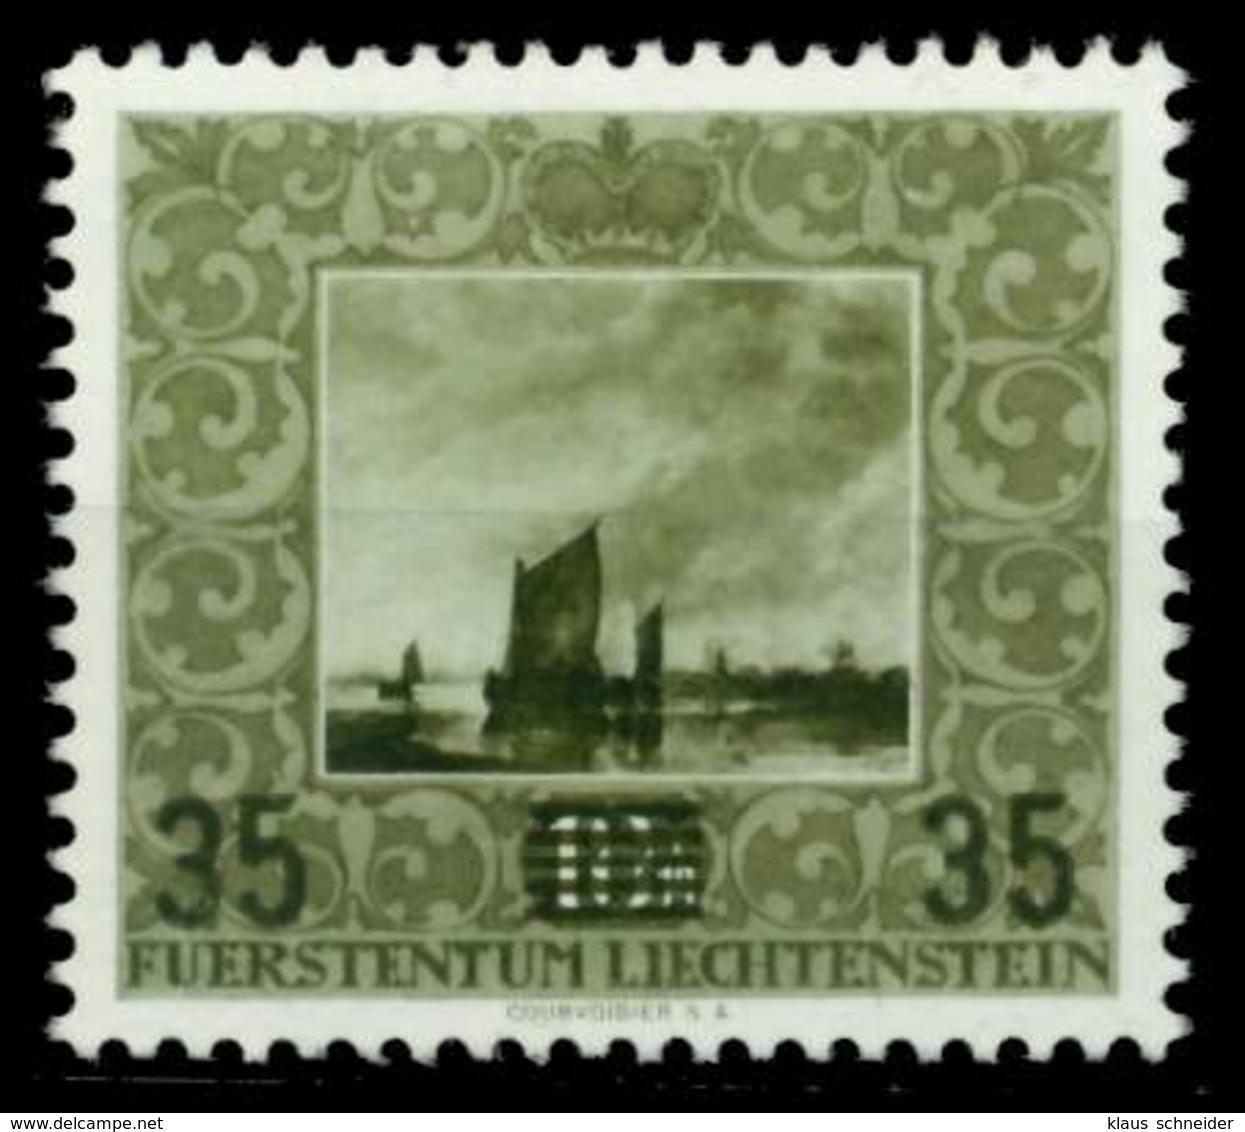 LIECHTENSTEIN 1954 Nr 326 Postfrisch X6FE2AE - Liechtenstein